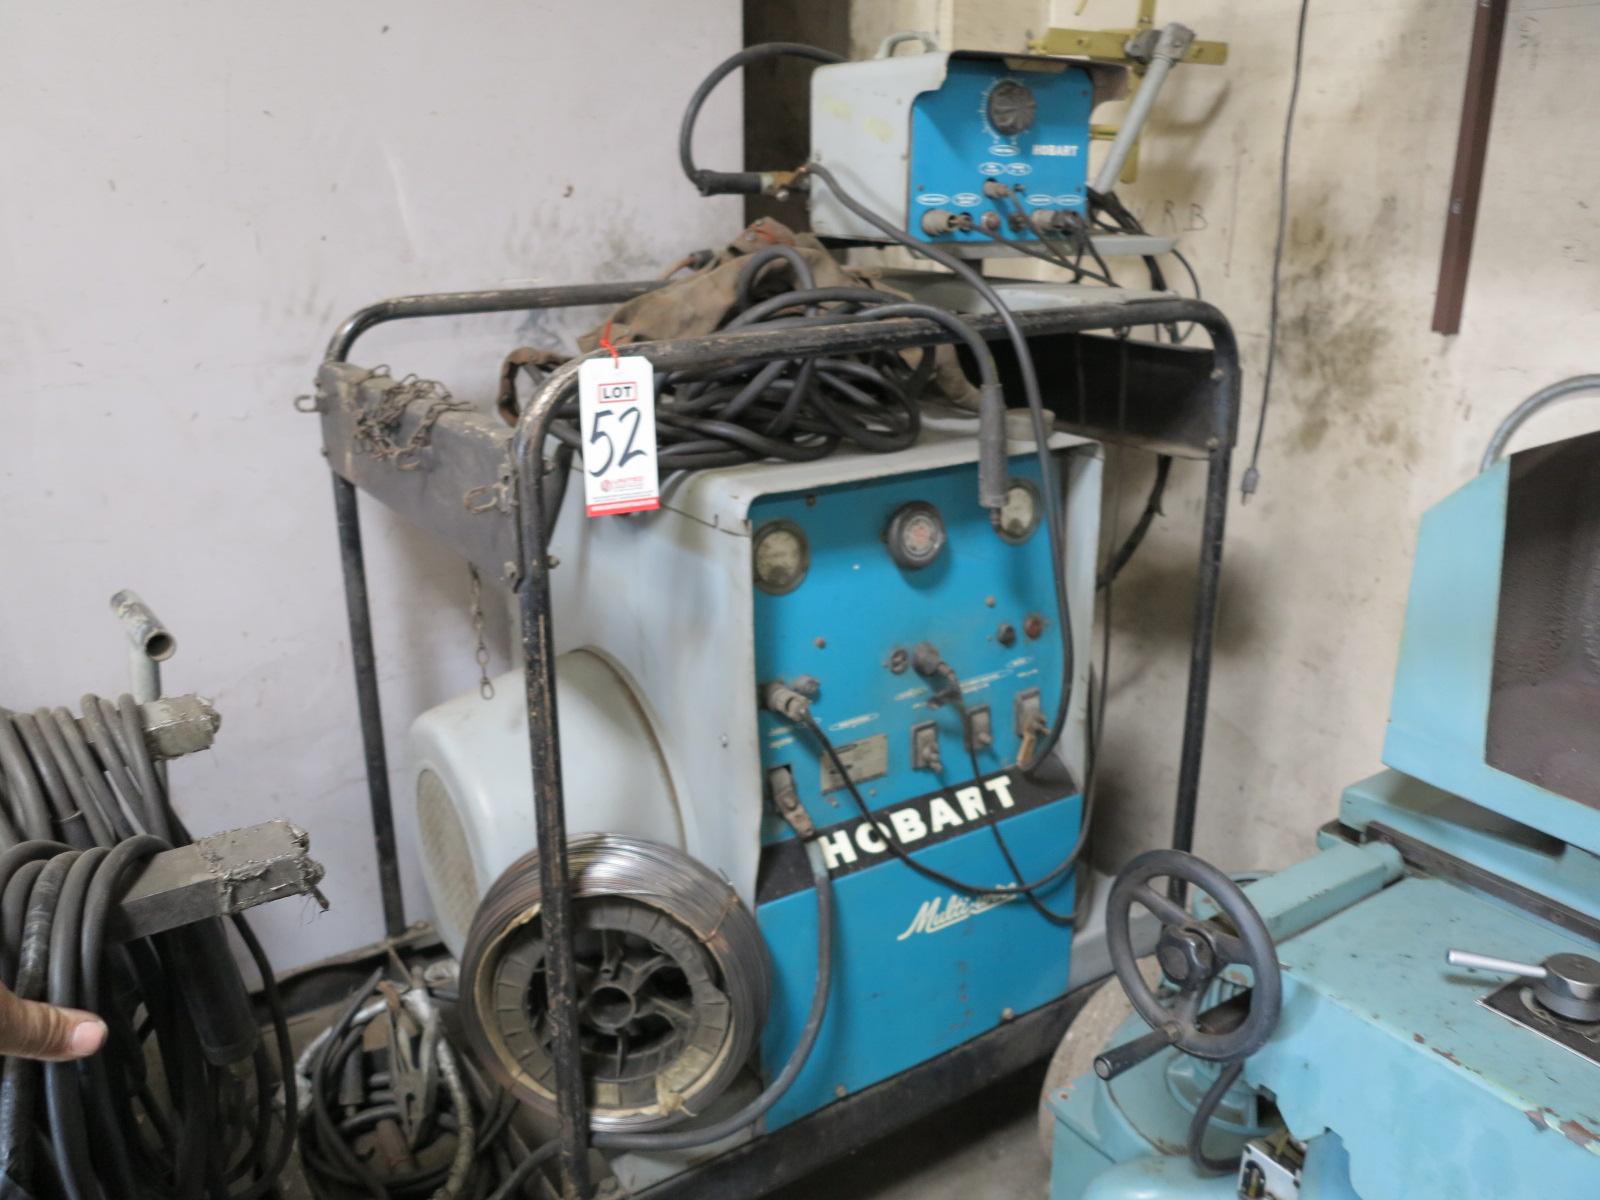 HOBART MULTI-WIRE WELDER, MODEL MC-500, 30 HP, 500 AMP, 3-PHASE, 220/440V, S/N 16DW-9672